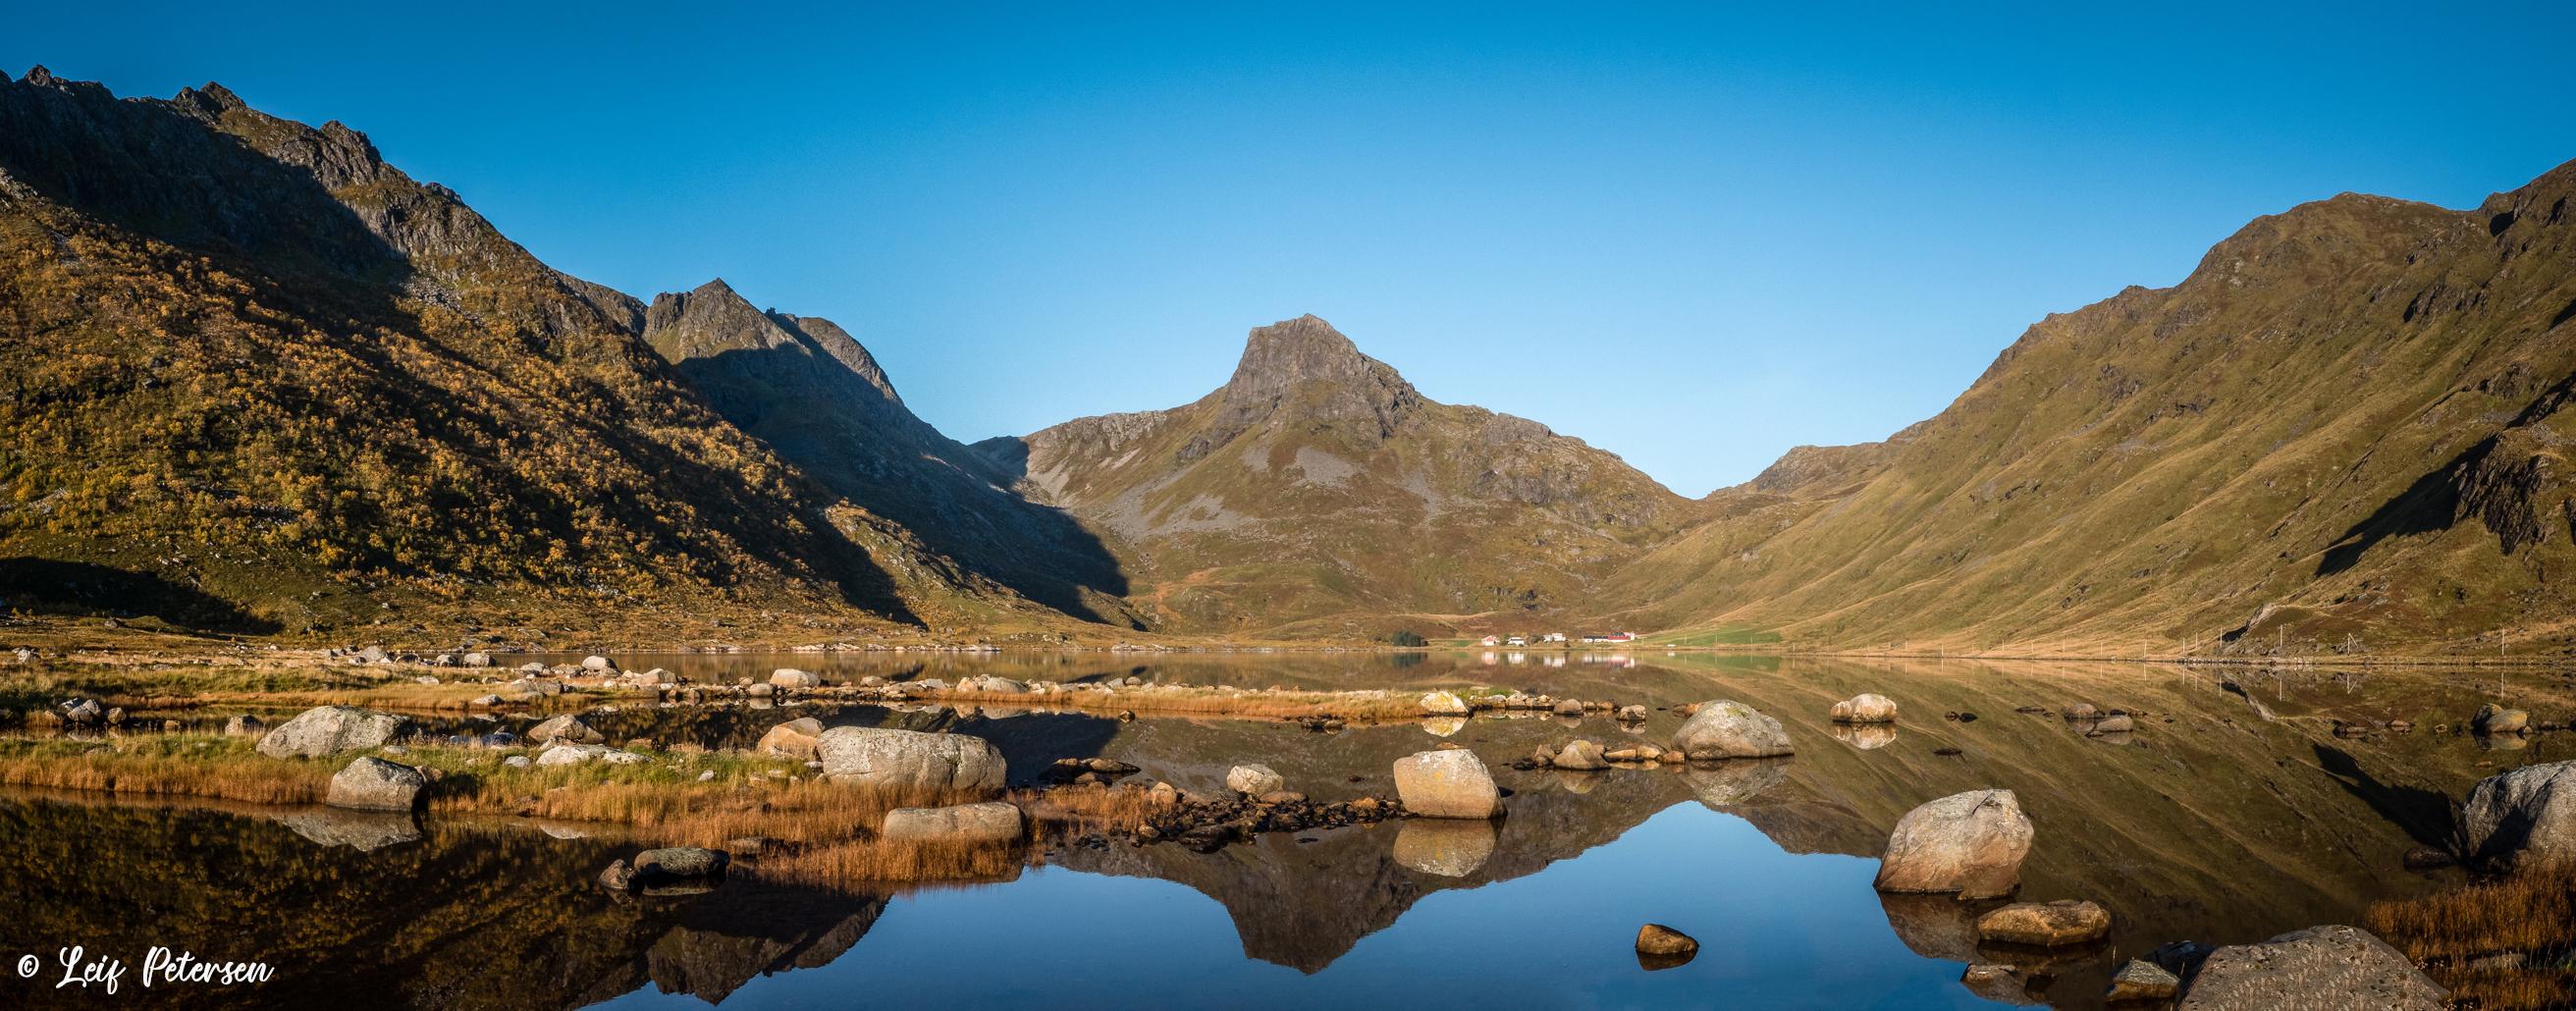 Kartfjorden_s.jpg